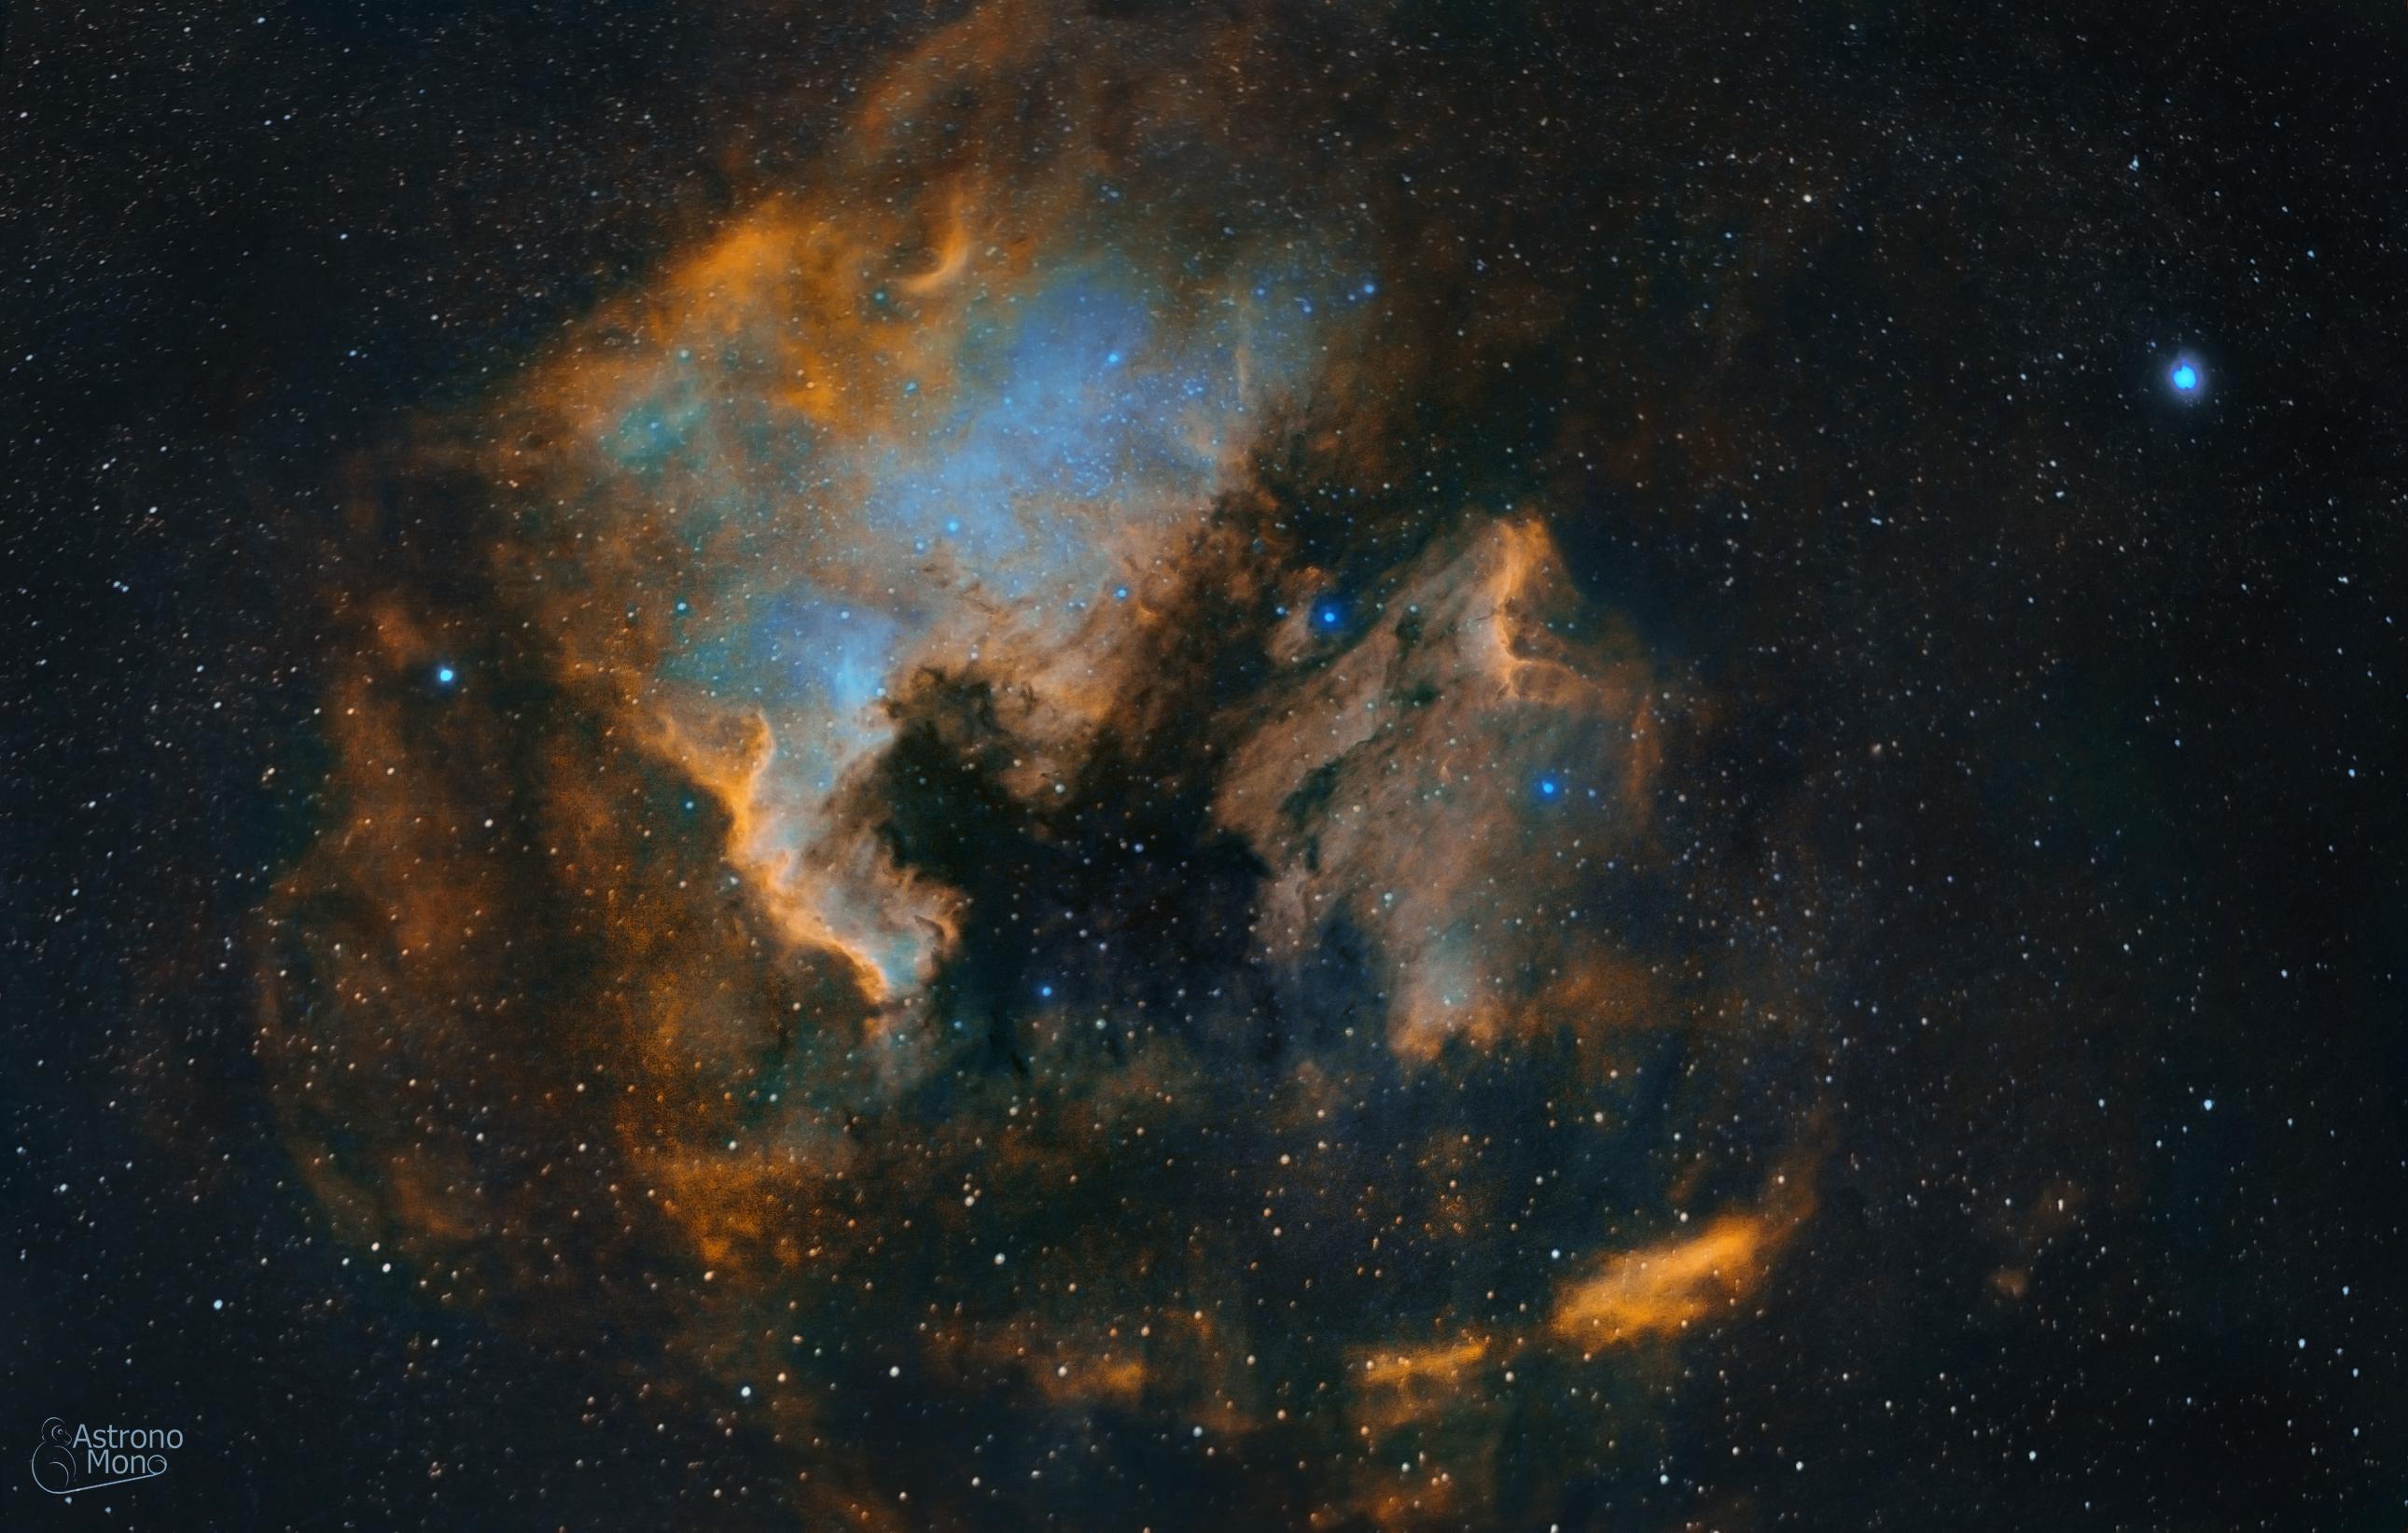 Norte America nebula